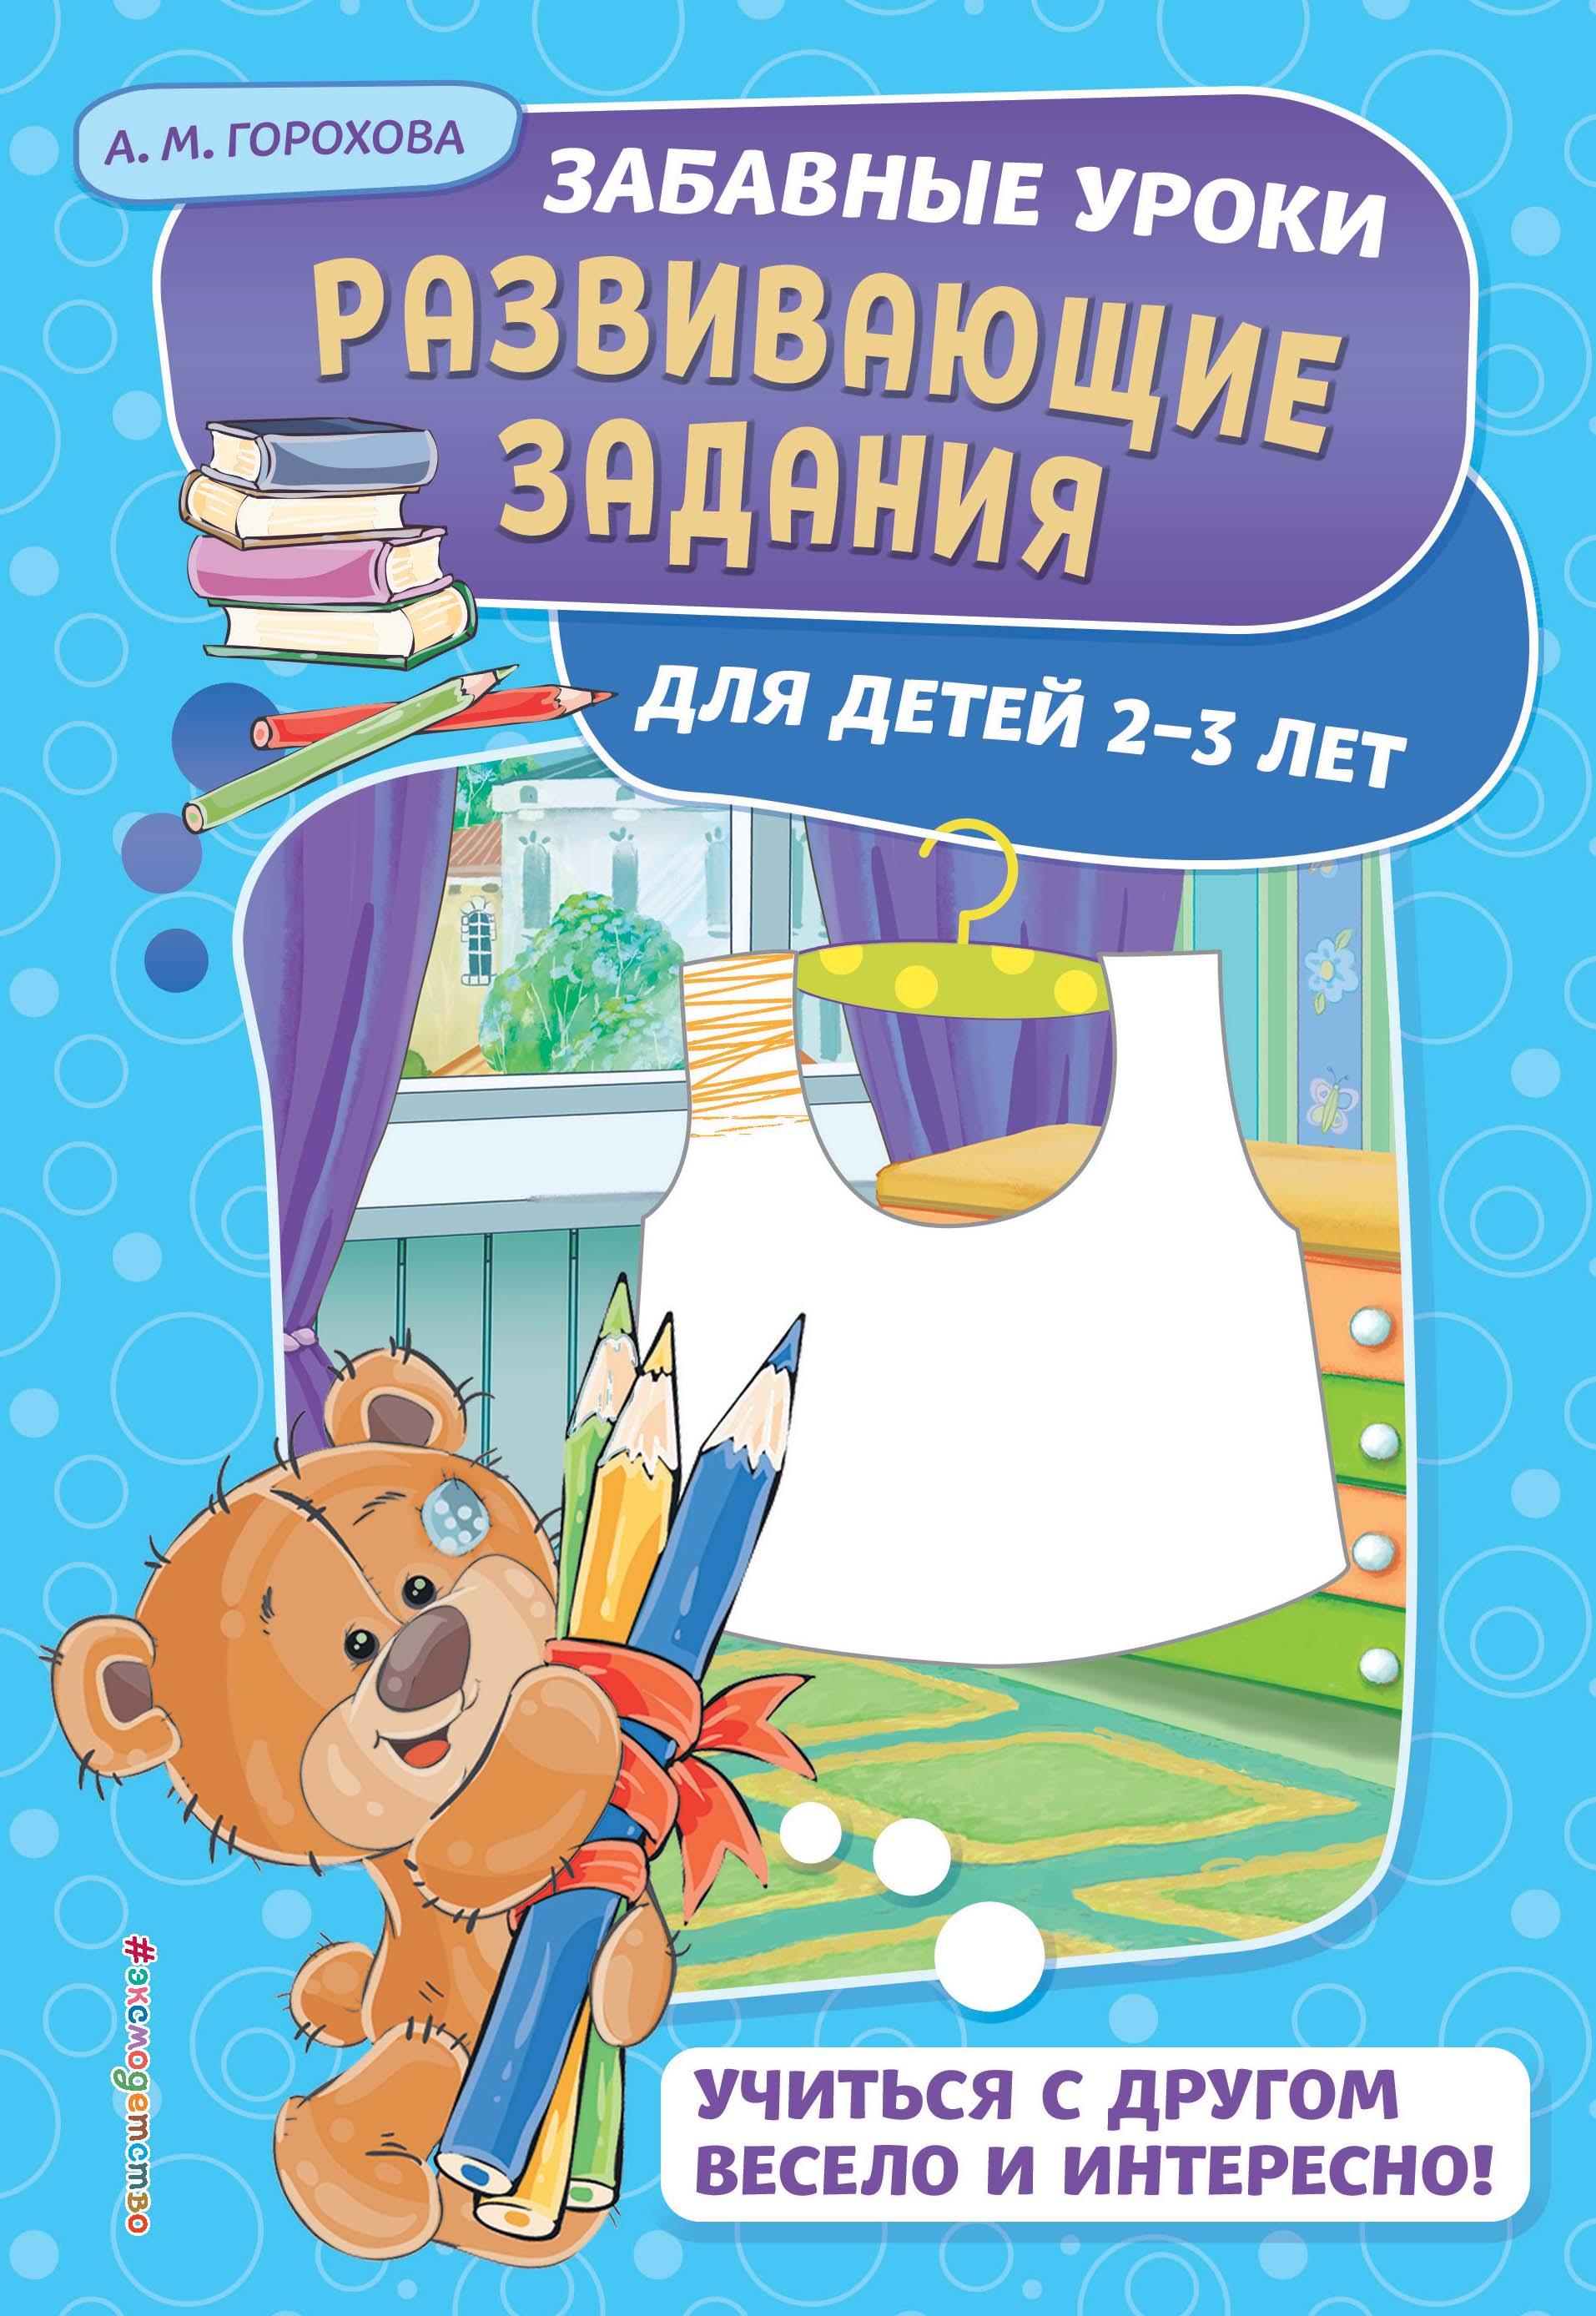 Анна Горохова Развивающие задания для детей 2-3 лет